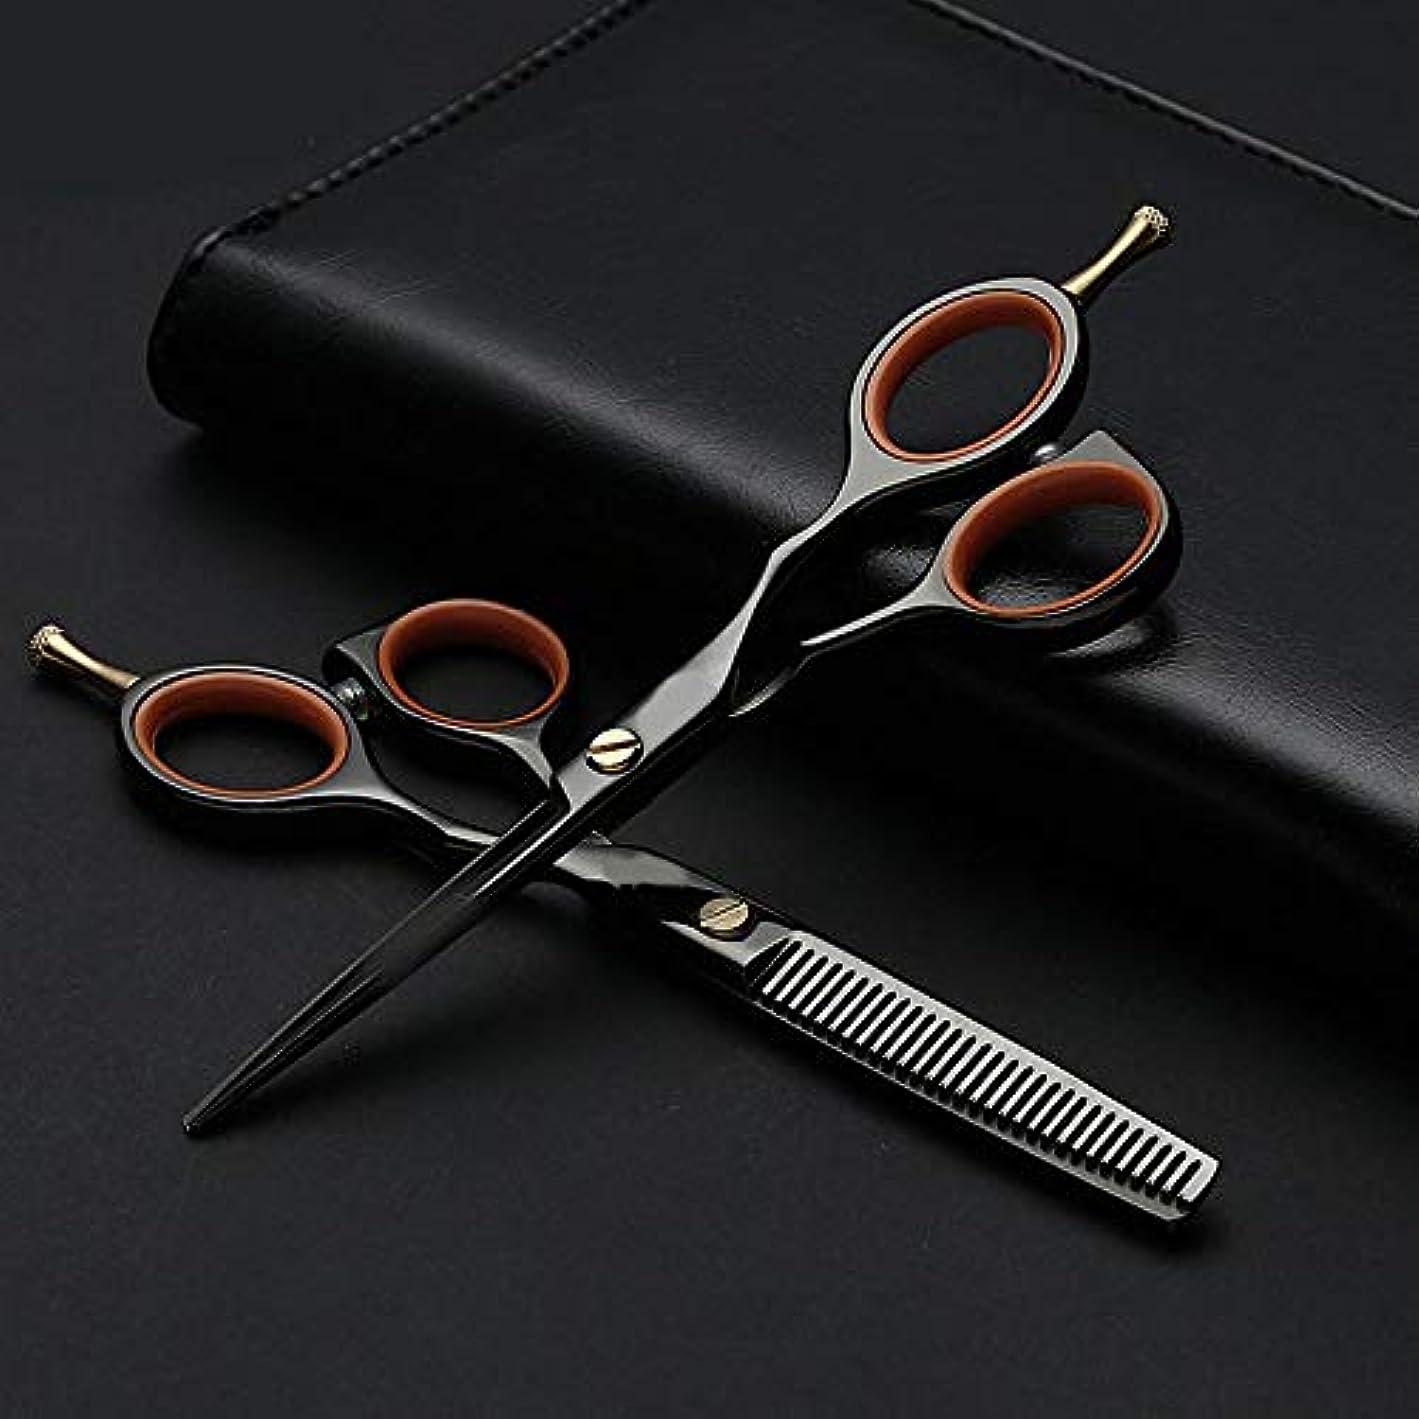 設計石灰岩ロビー理髪用はさみ 5.5インチプロフェッショナル理髪セット、フラット+歯はさみヘアサロンセットヘアカットはさみステンレス理髪はさみ (色 : 黒)